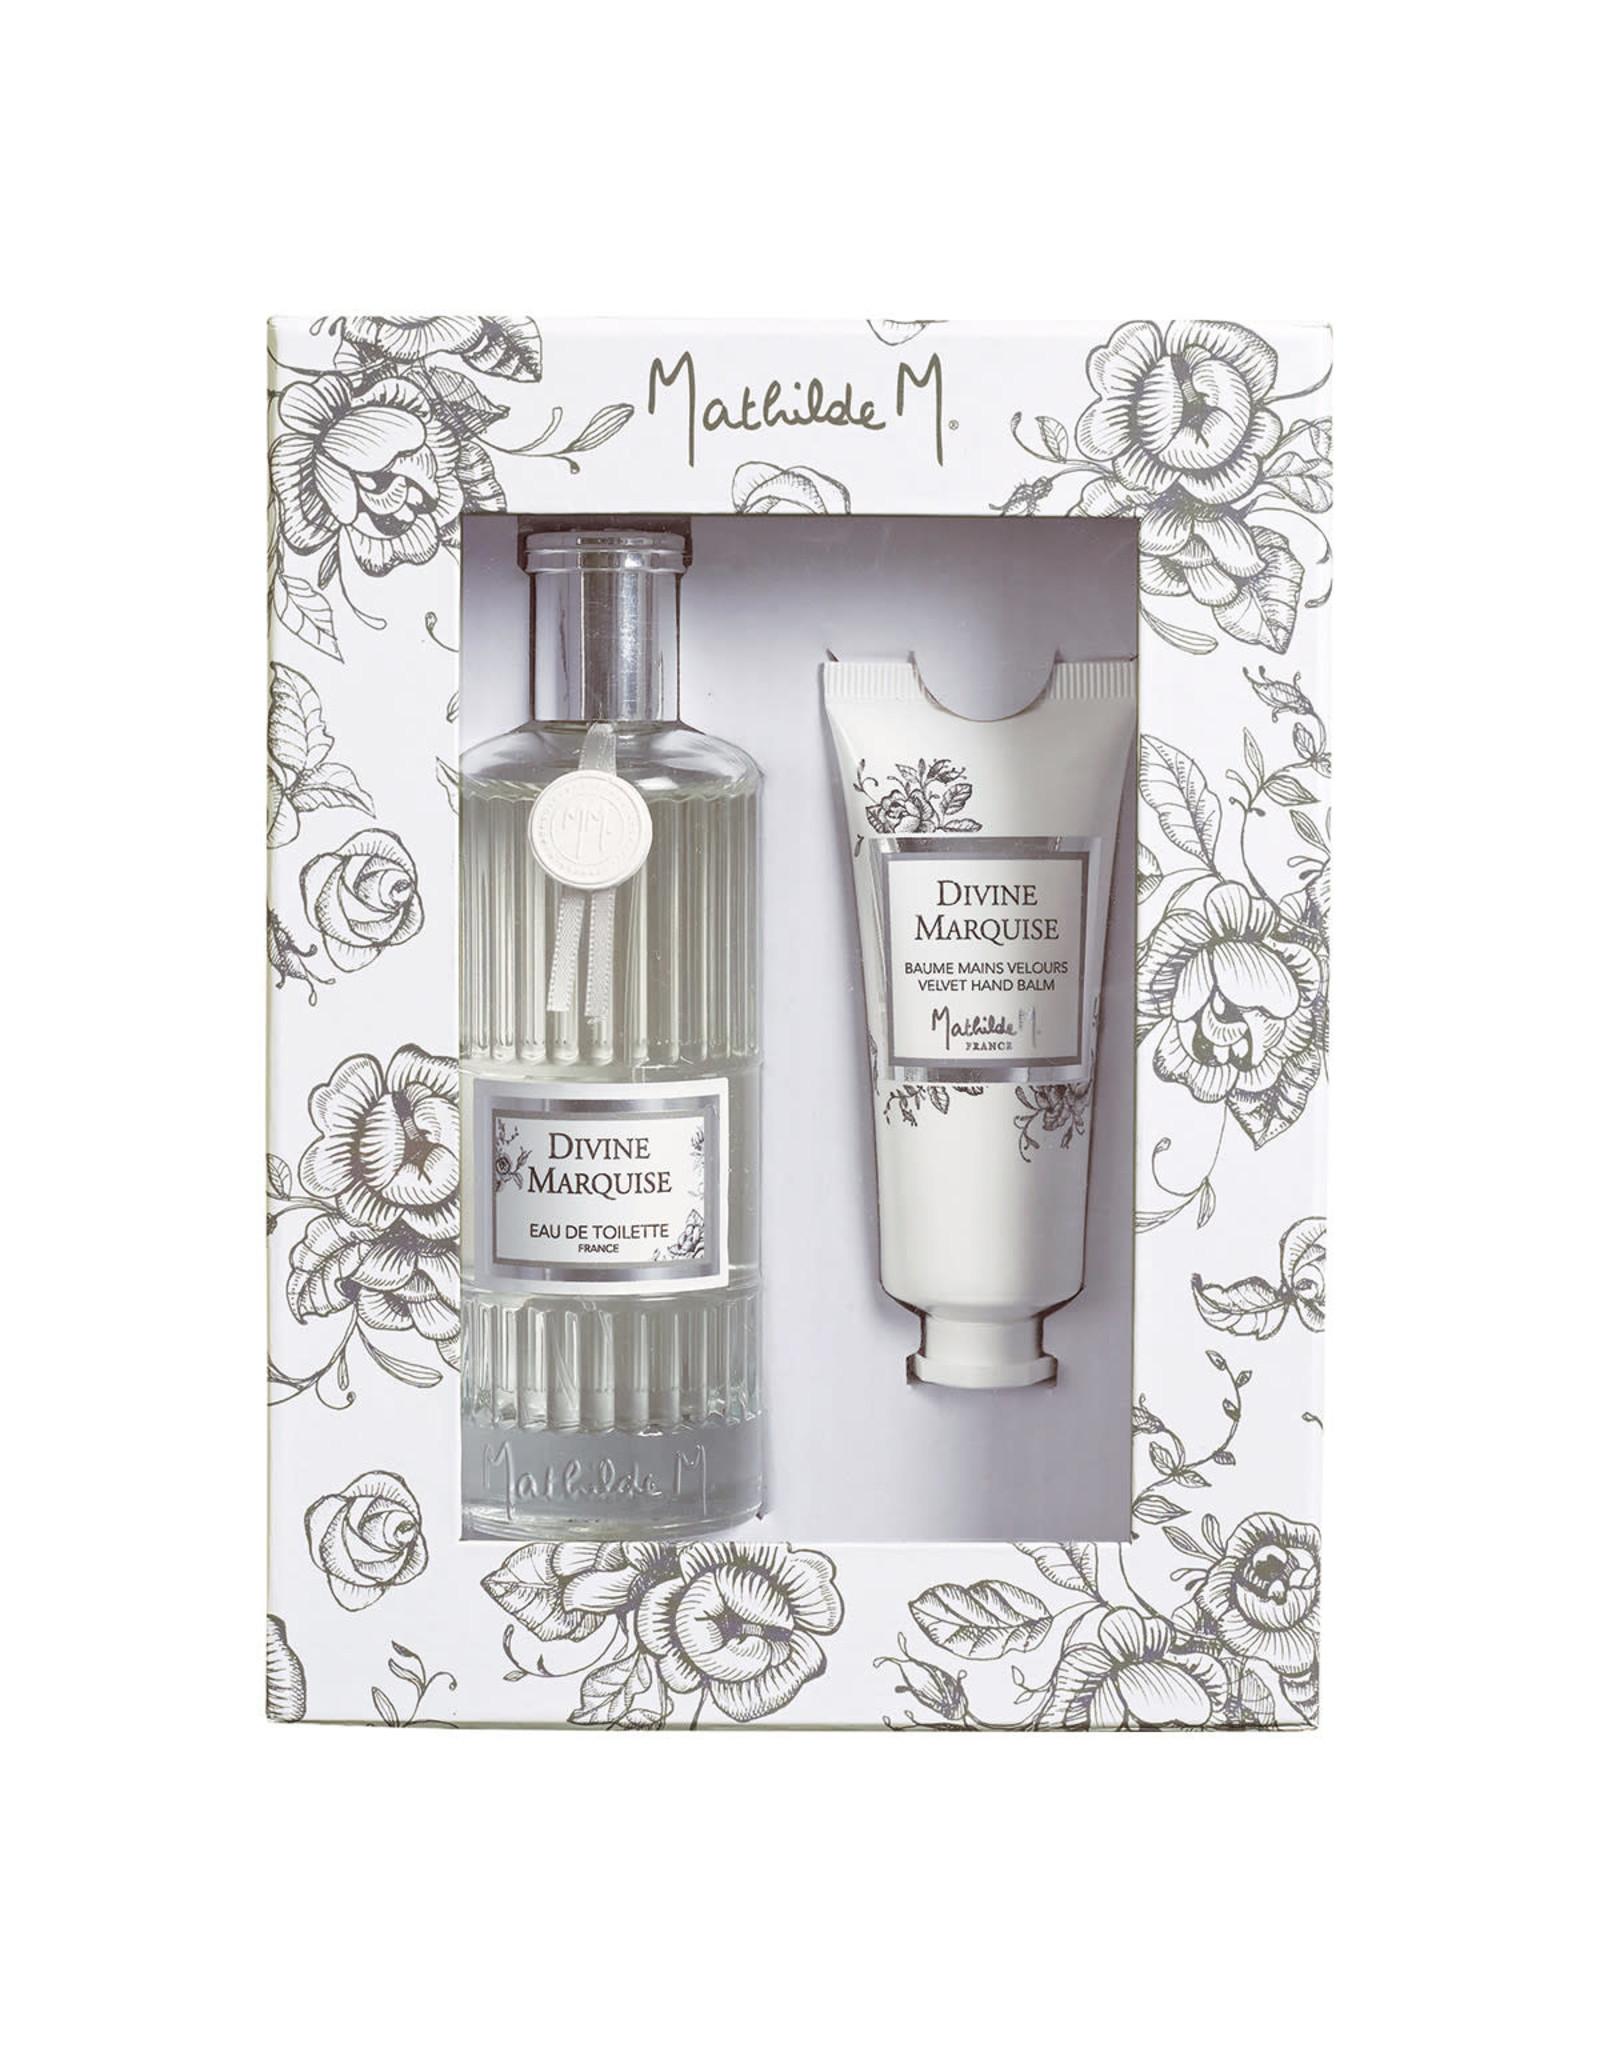 Mathilde M Divine Marquise - Les Rituels Beauté Giftbox - edt